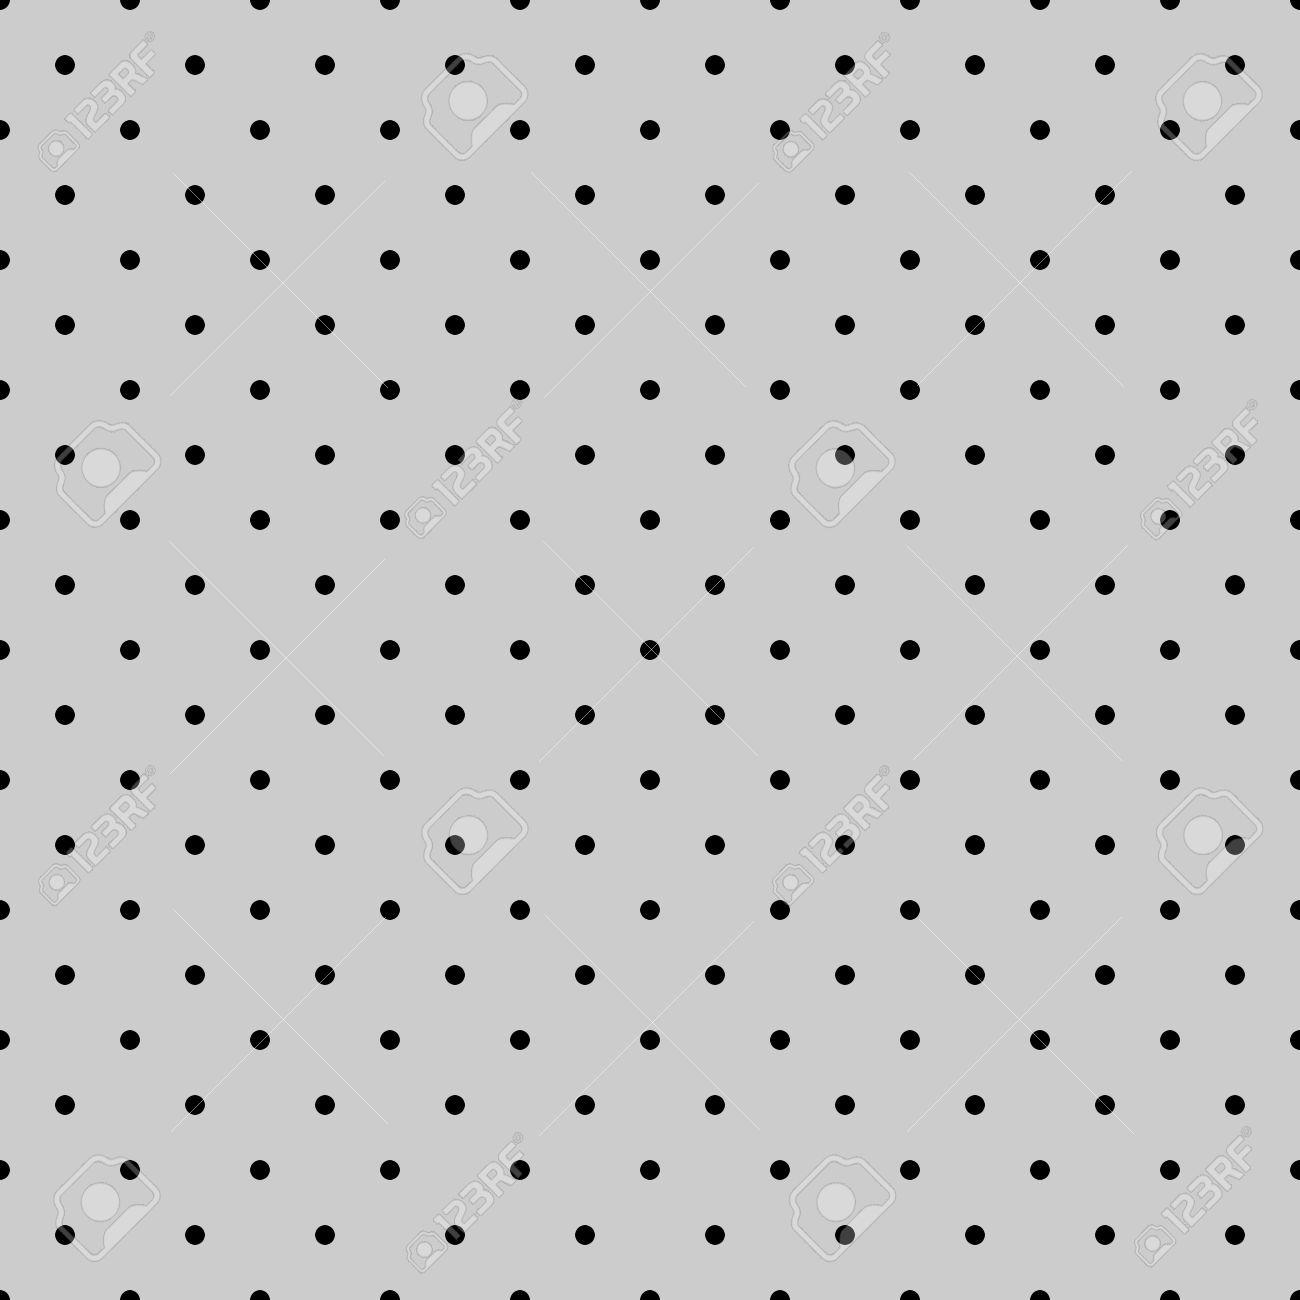 シームレスな黒とグレーのベクトル パターンまたはタイルの背景のデスクトップの壁紙 装飾およびウェブサイトの設計のための小さな水玉のイラスト素材 ベクタ Image